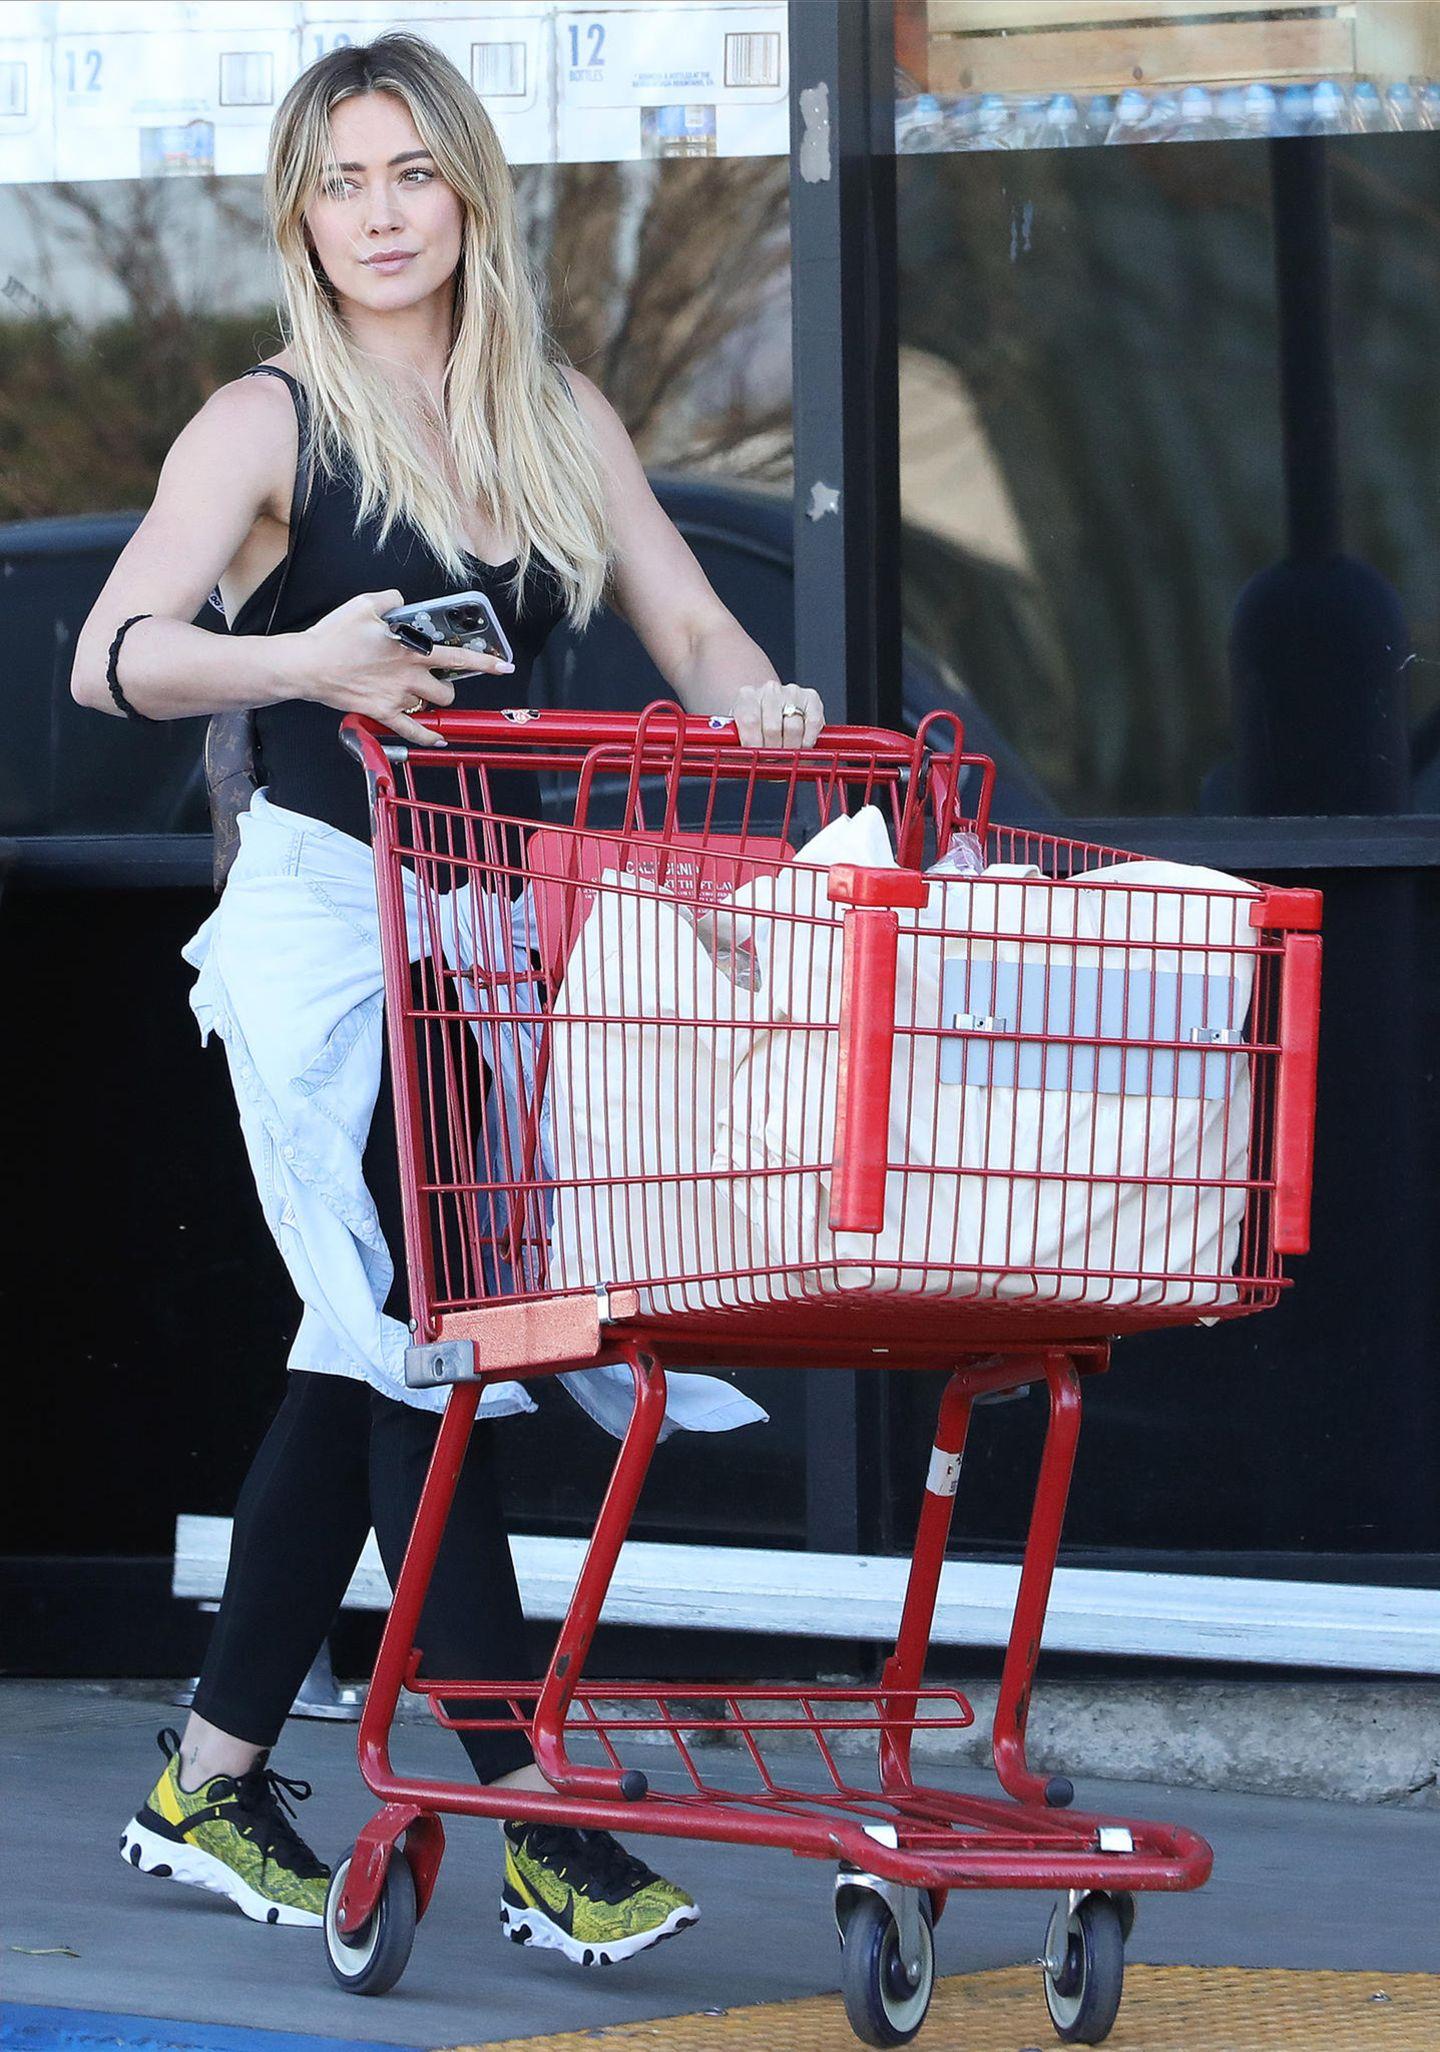 Selbst beim Supermarkt-Shopping machtHilary Duff eine gute Figur: Im sportlichen Gym-Look schiebt der Disney-Stardie Einkäufe schnell zum Auto. Zuhause warten neben Ehemann Matthew immerhin noch zwei weitere hungrigeMäulchen auf Nachschub.